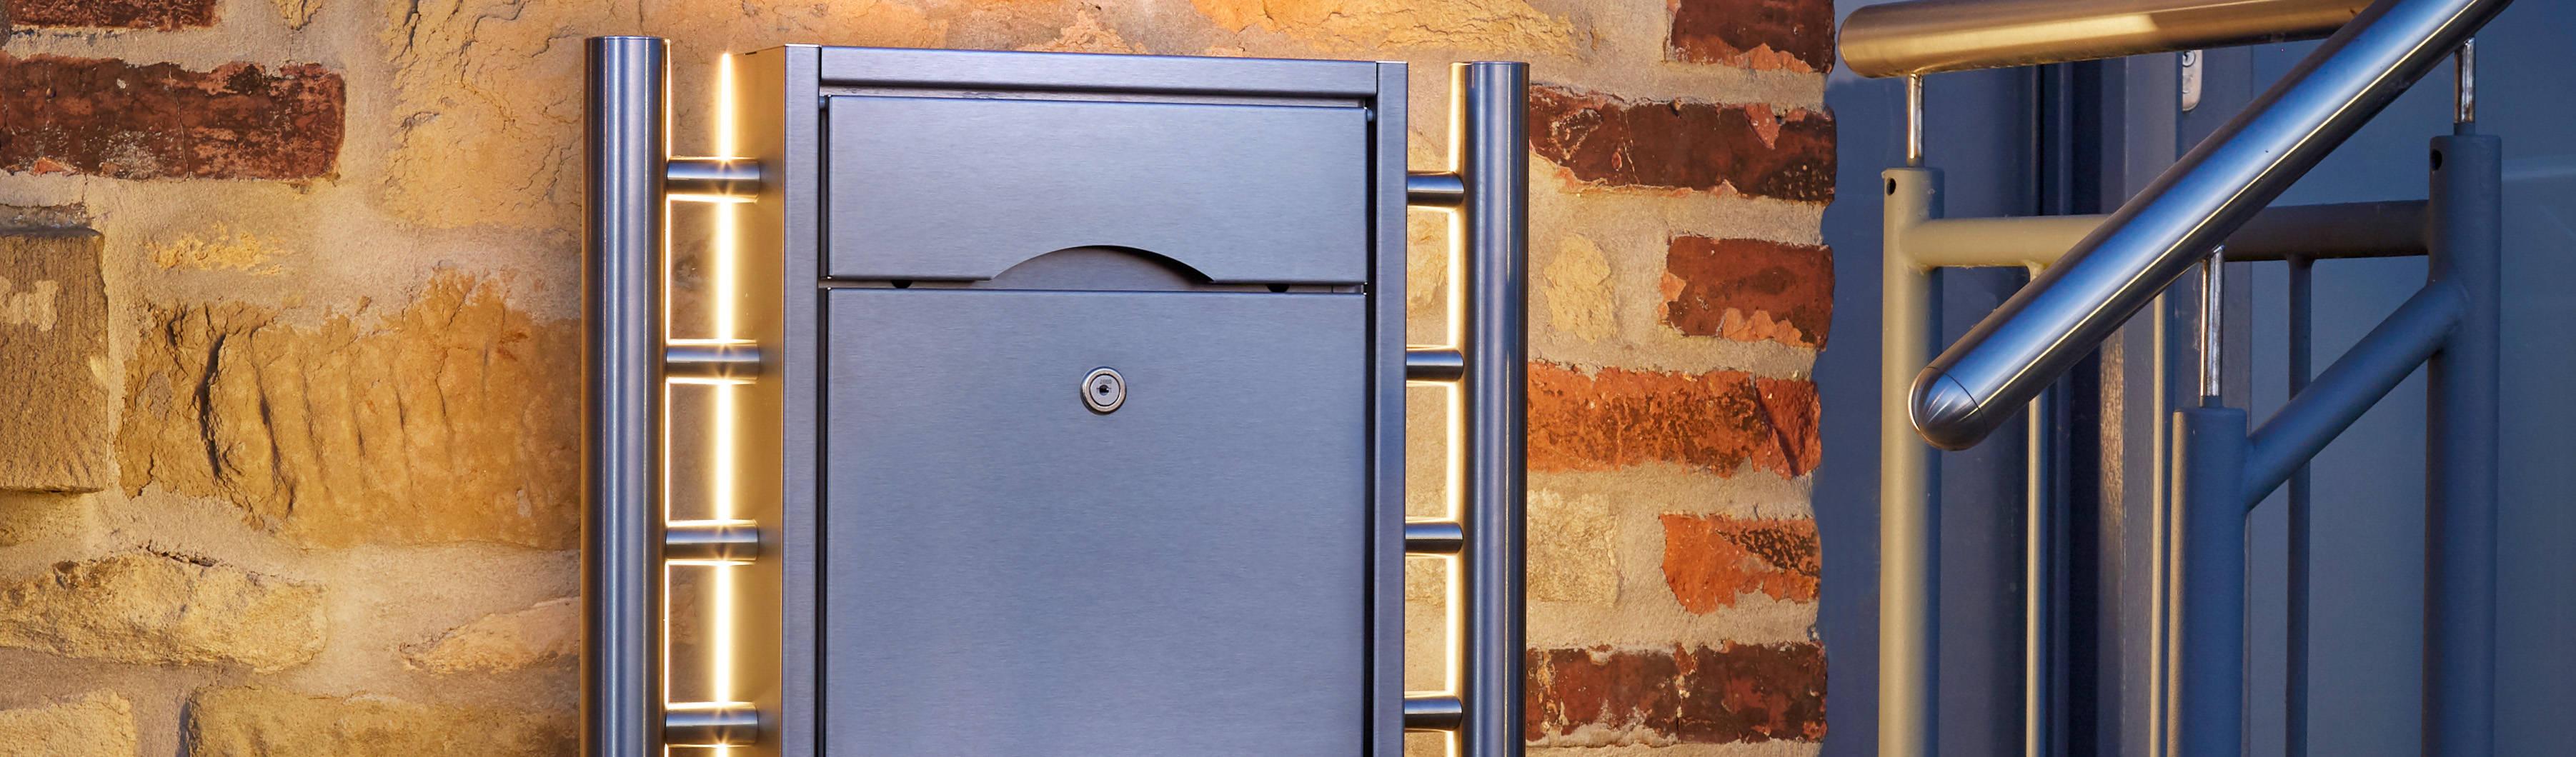 Aufputz Briefkastenanlagen Ob Mit Klingel Hausnummer Kamera Oder